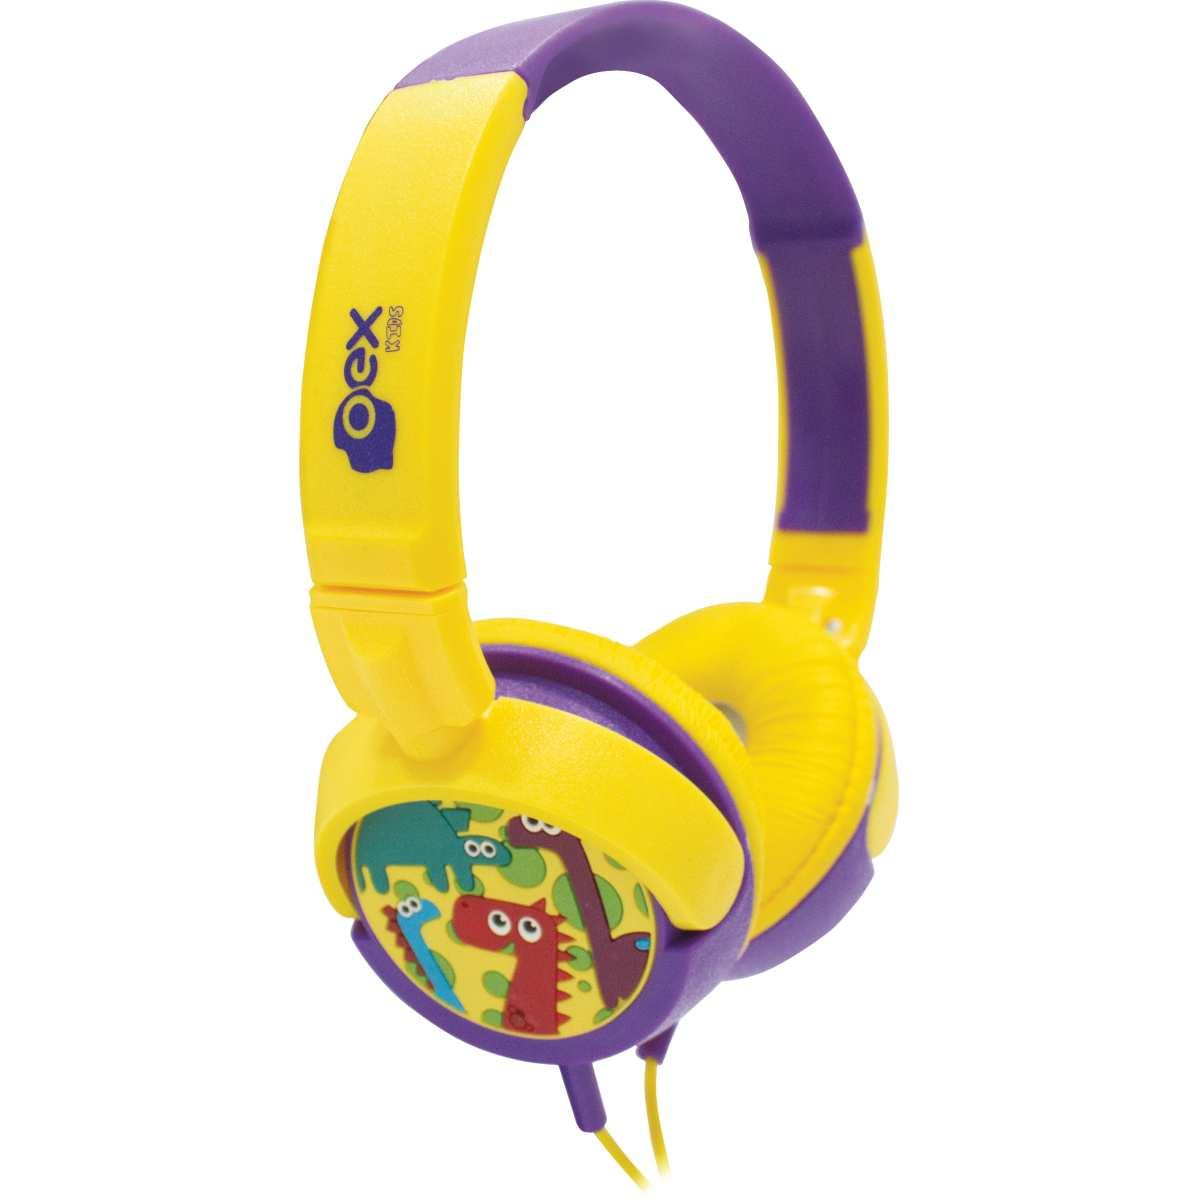 Fone de Ouvido - DINO Infantil 15W CABO 1,2M - Newex